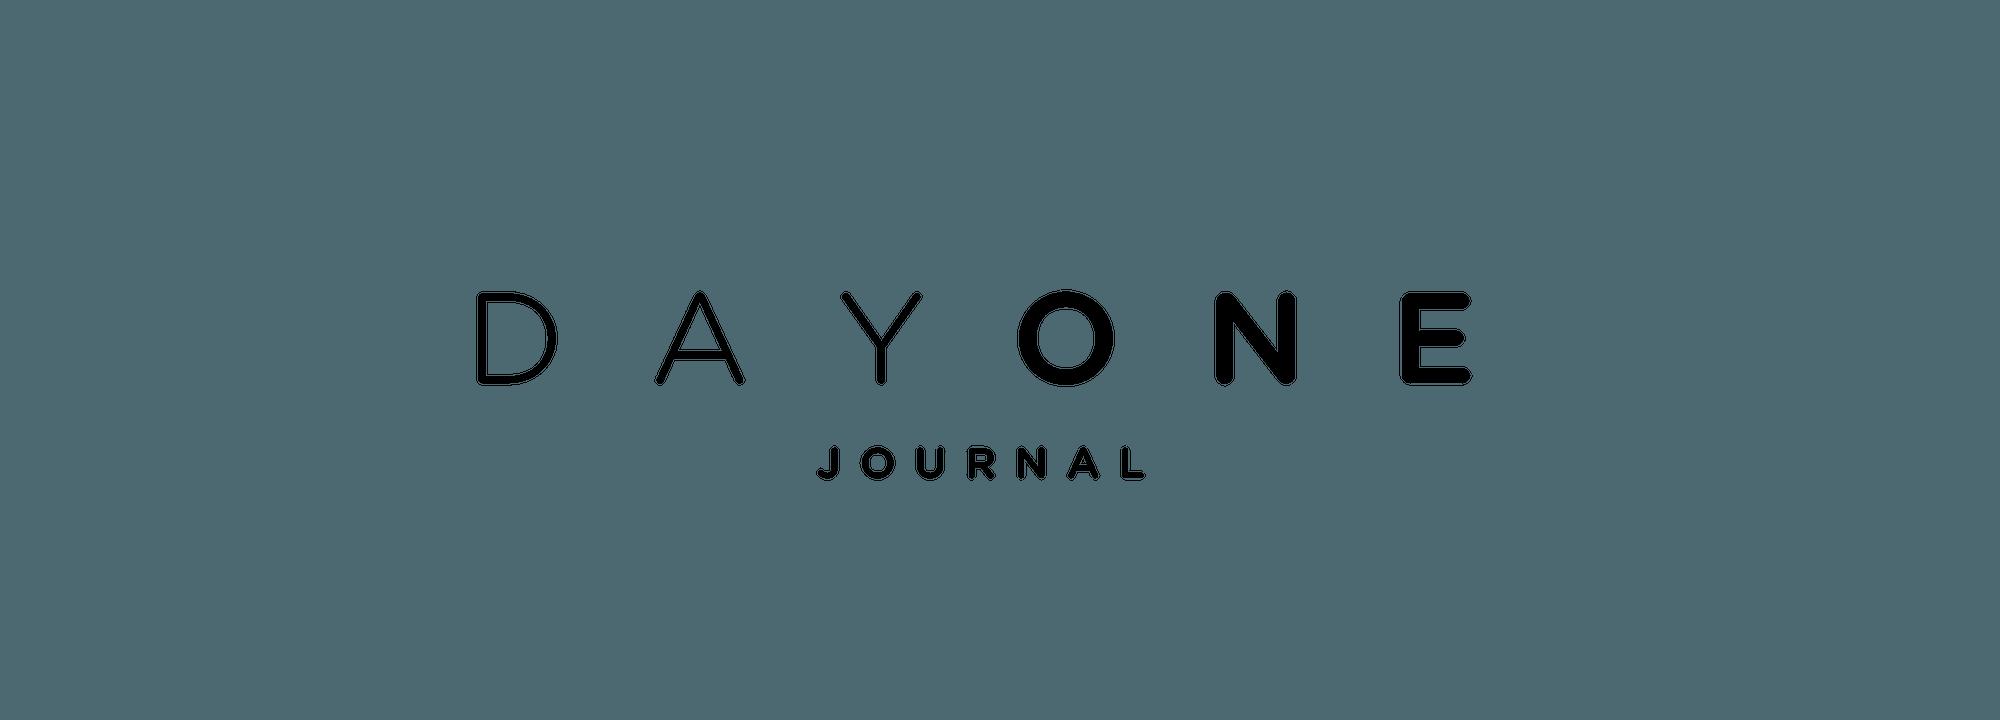 DayOne-hero